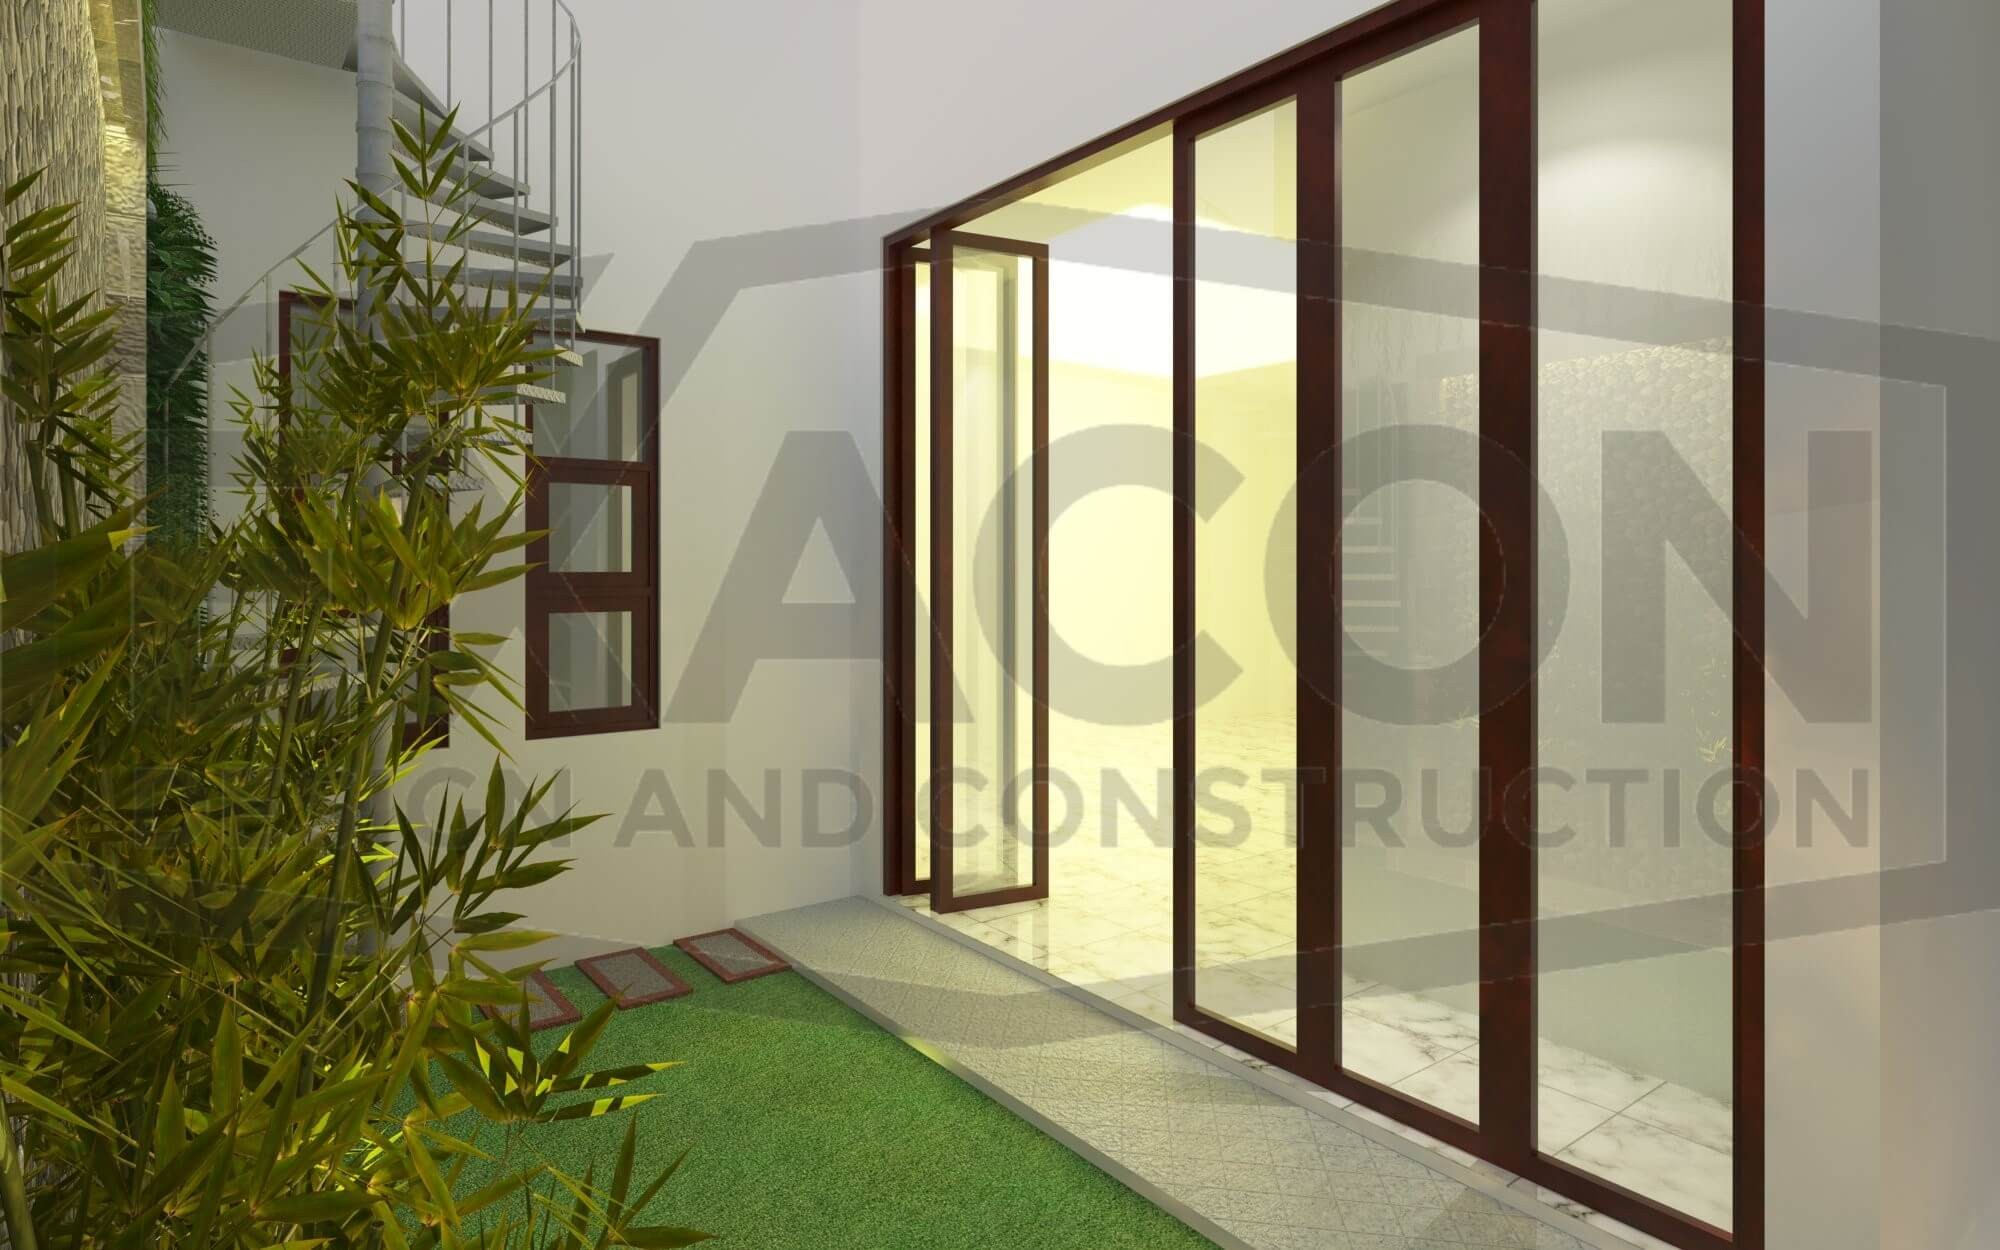 Proyek Desain Arsitektur Rumah 2 Lantai Minimalis Bpk Benny Cikarang Bekasi